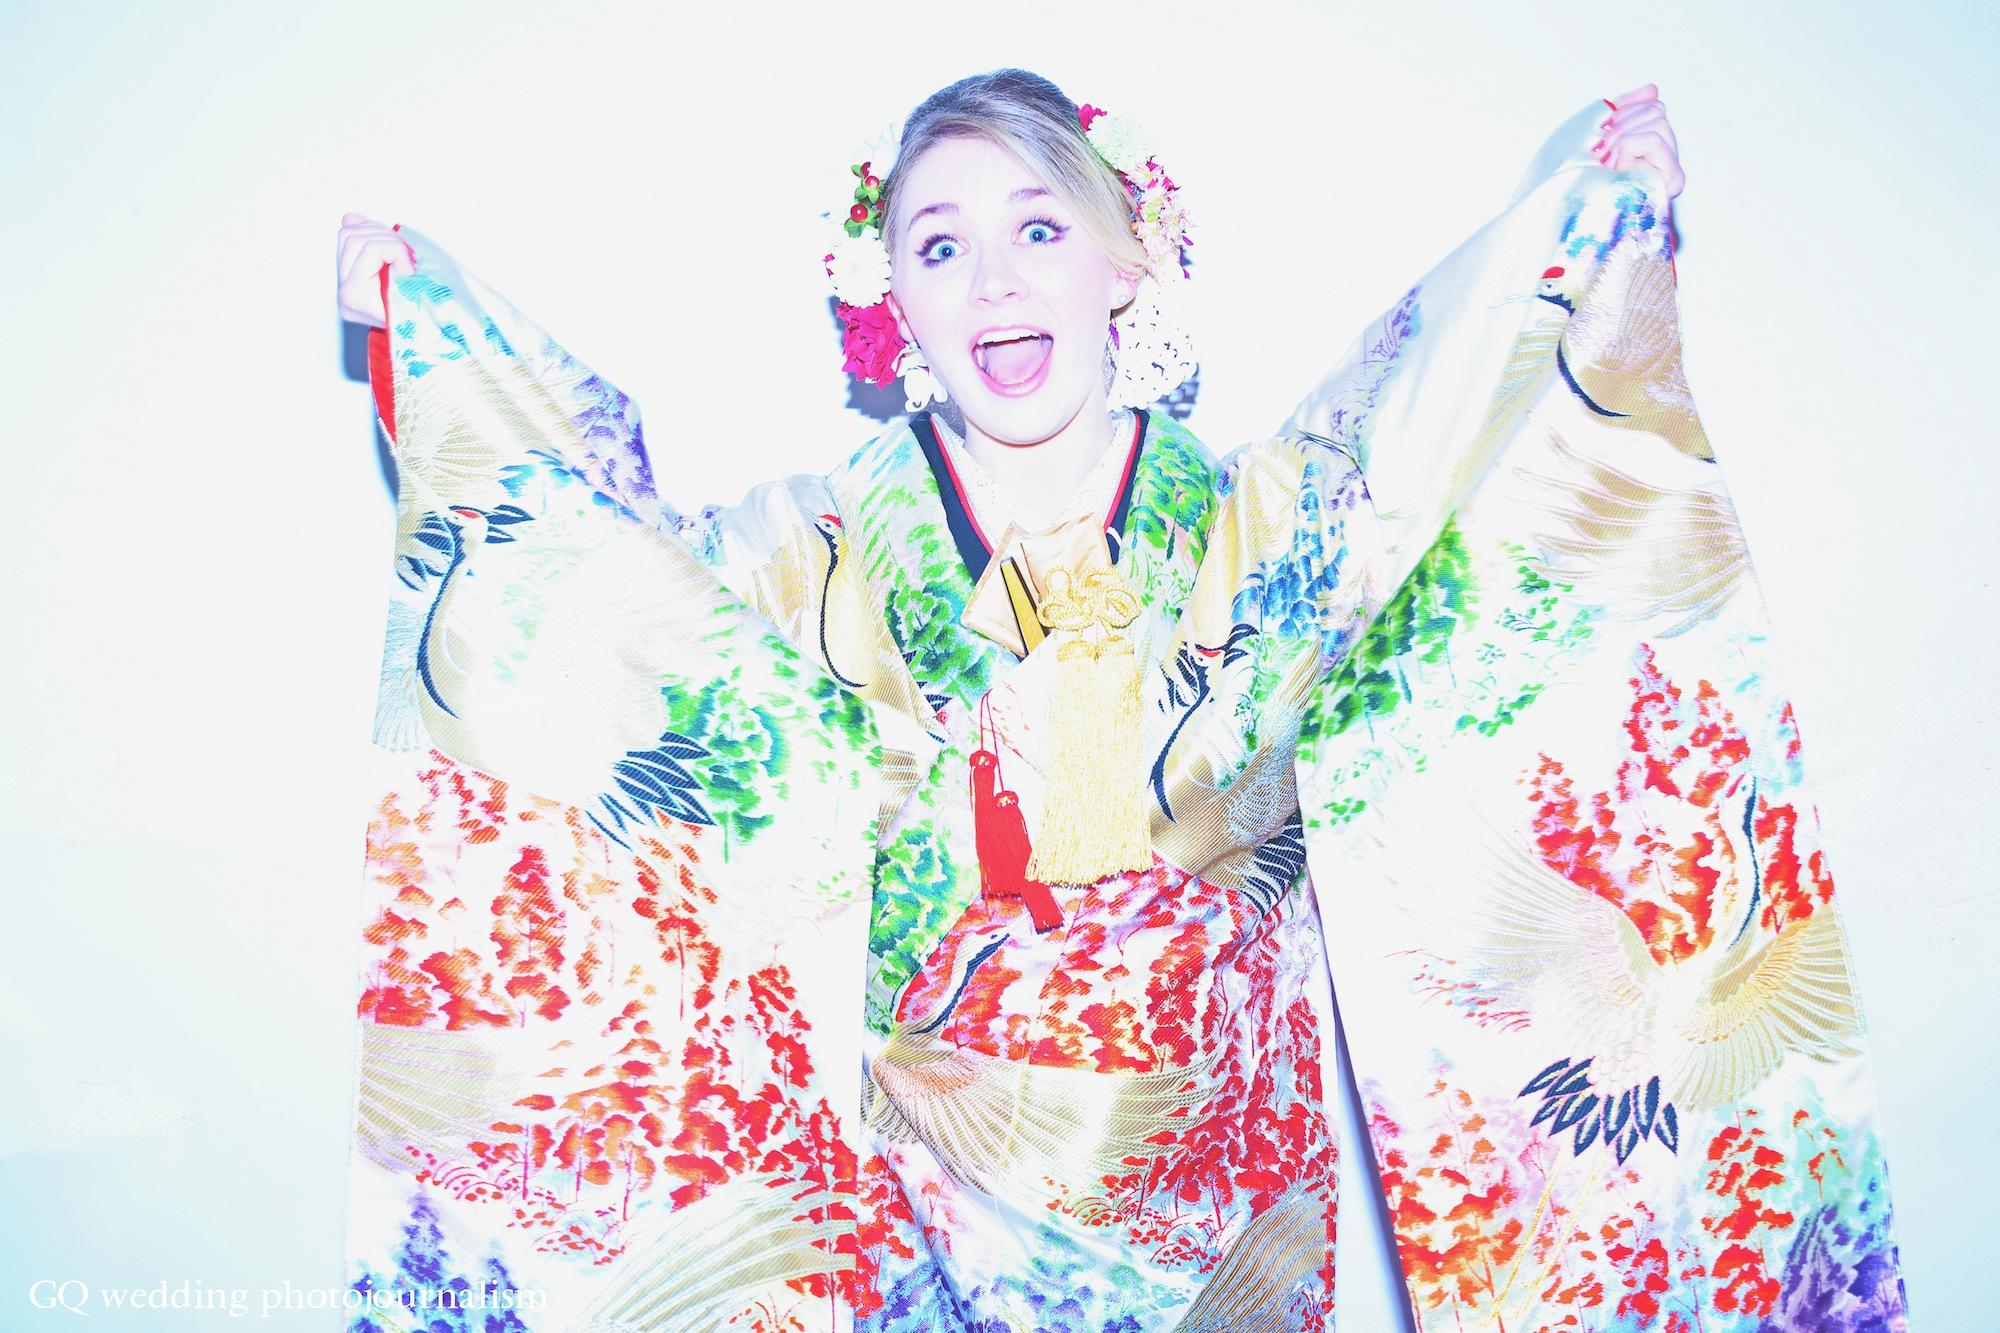 Kimono photo0013